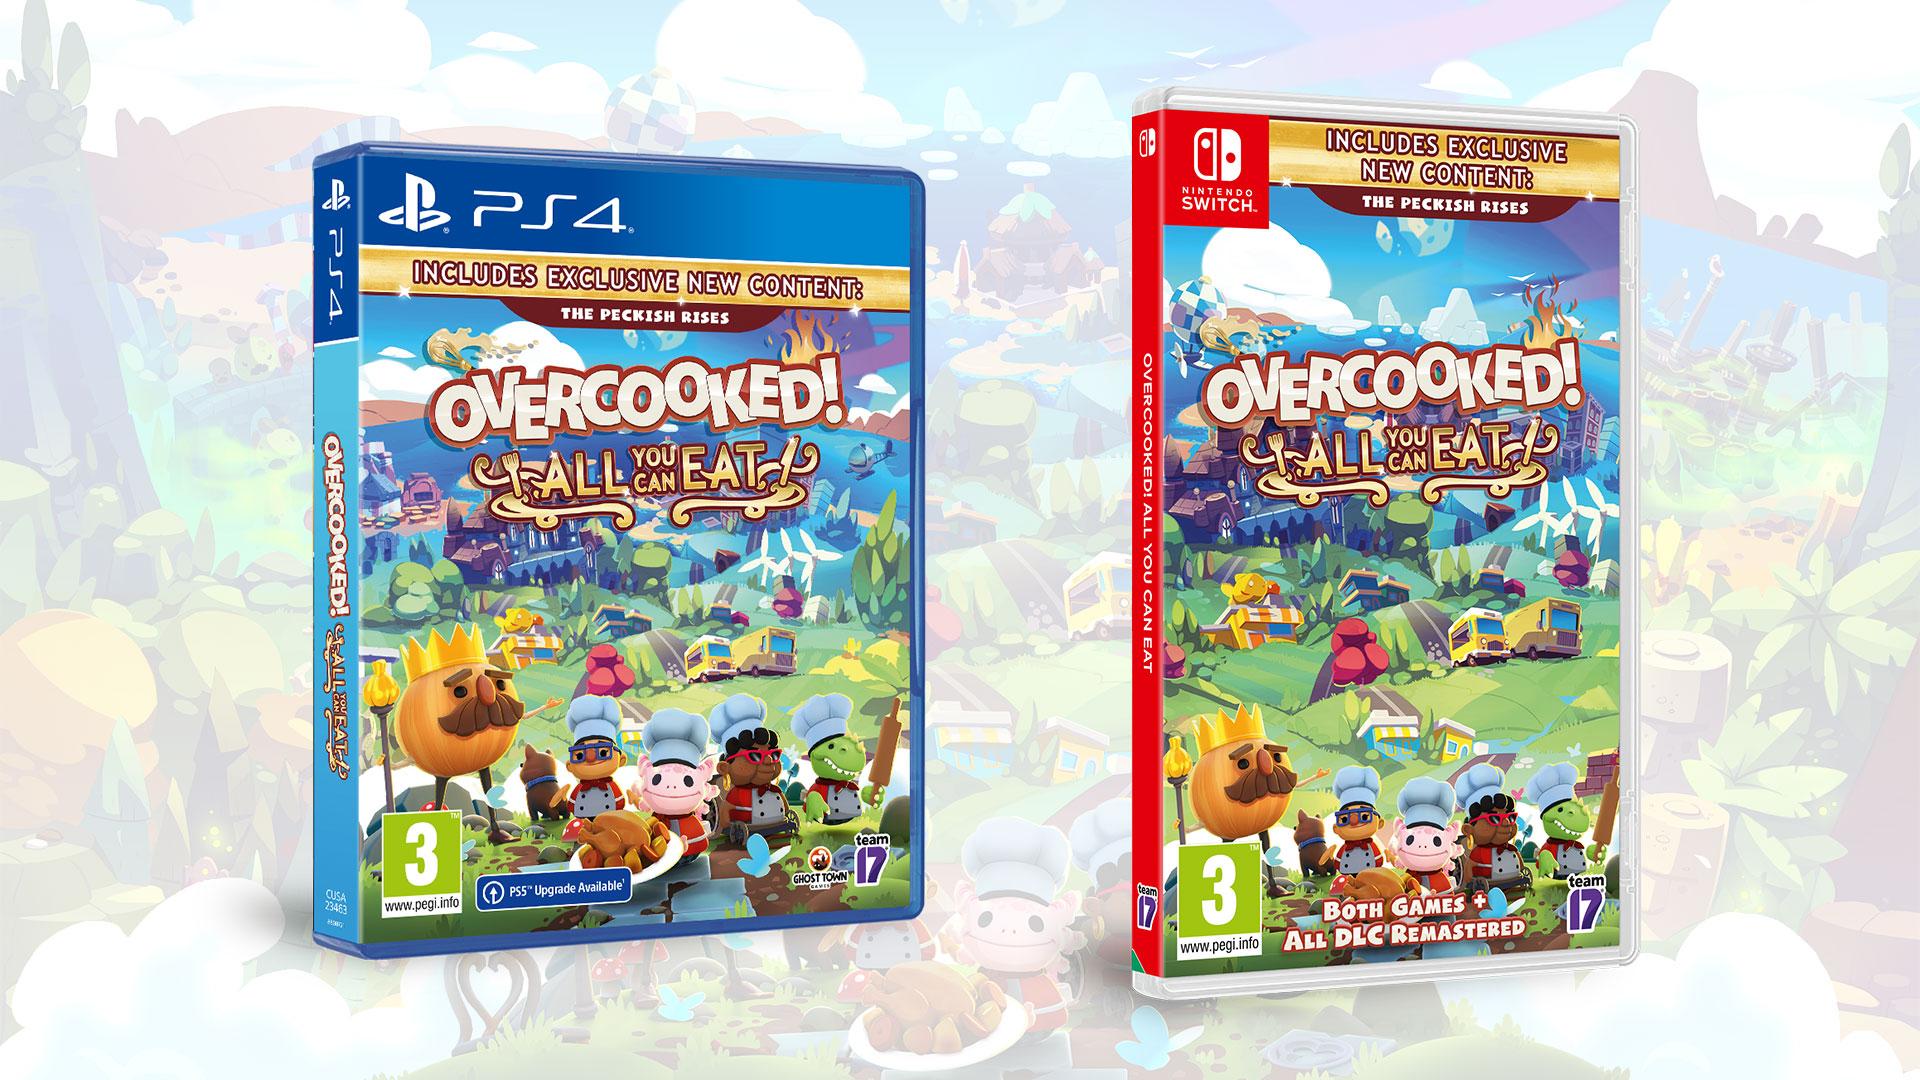 Overcooked-AYCE-Key-Art